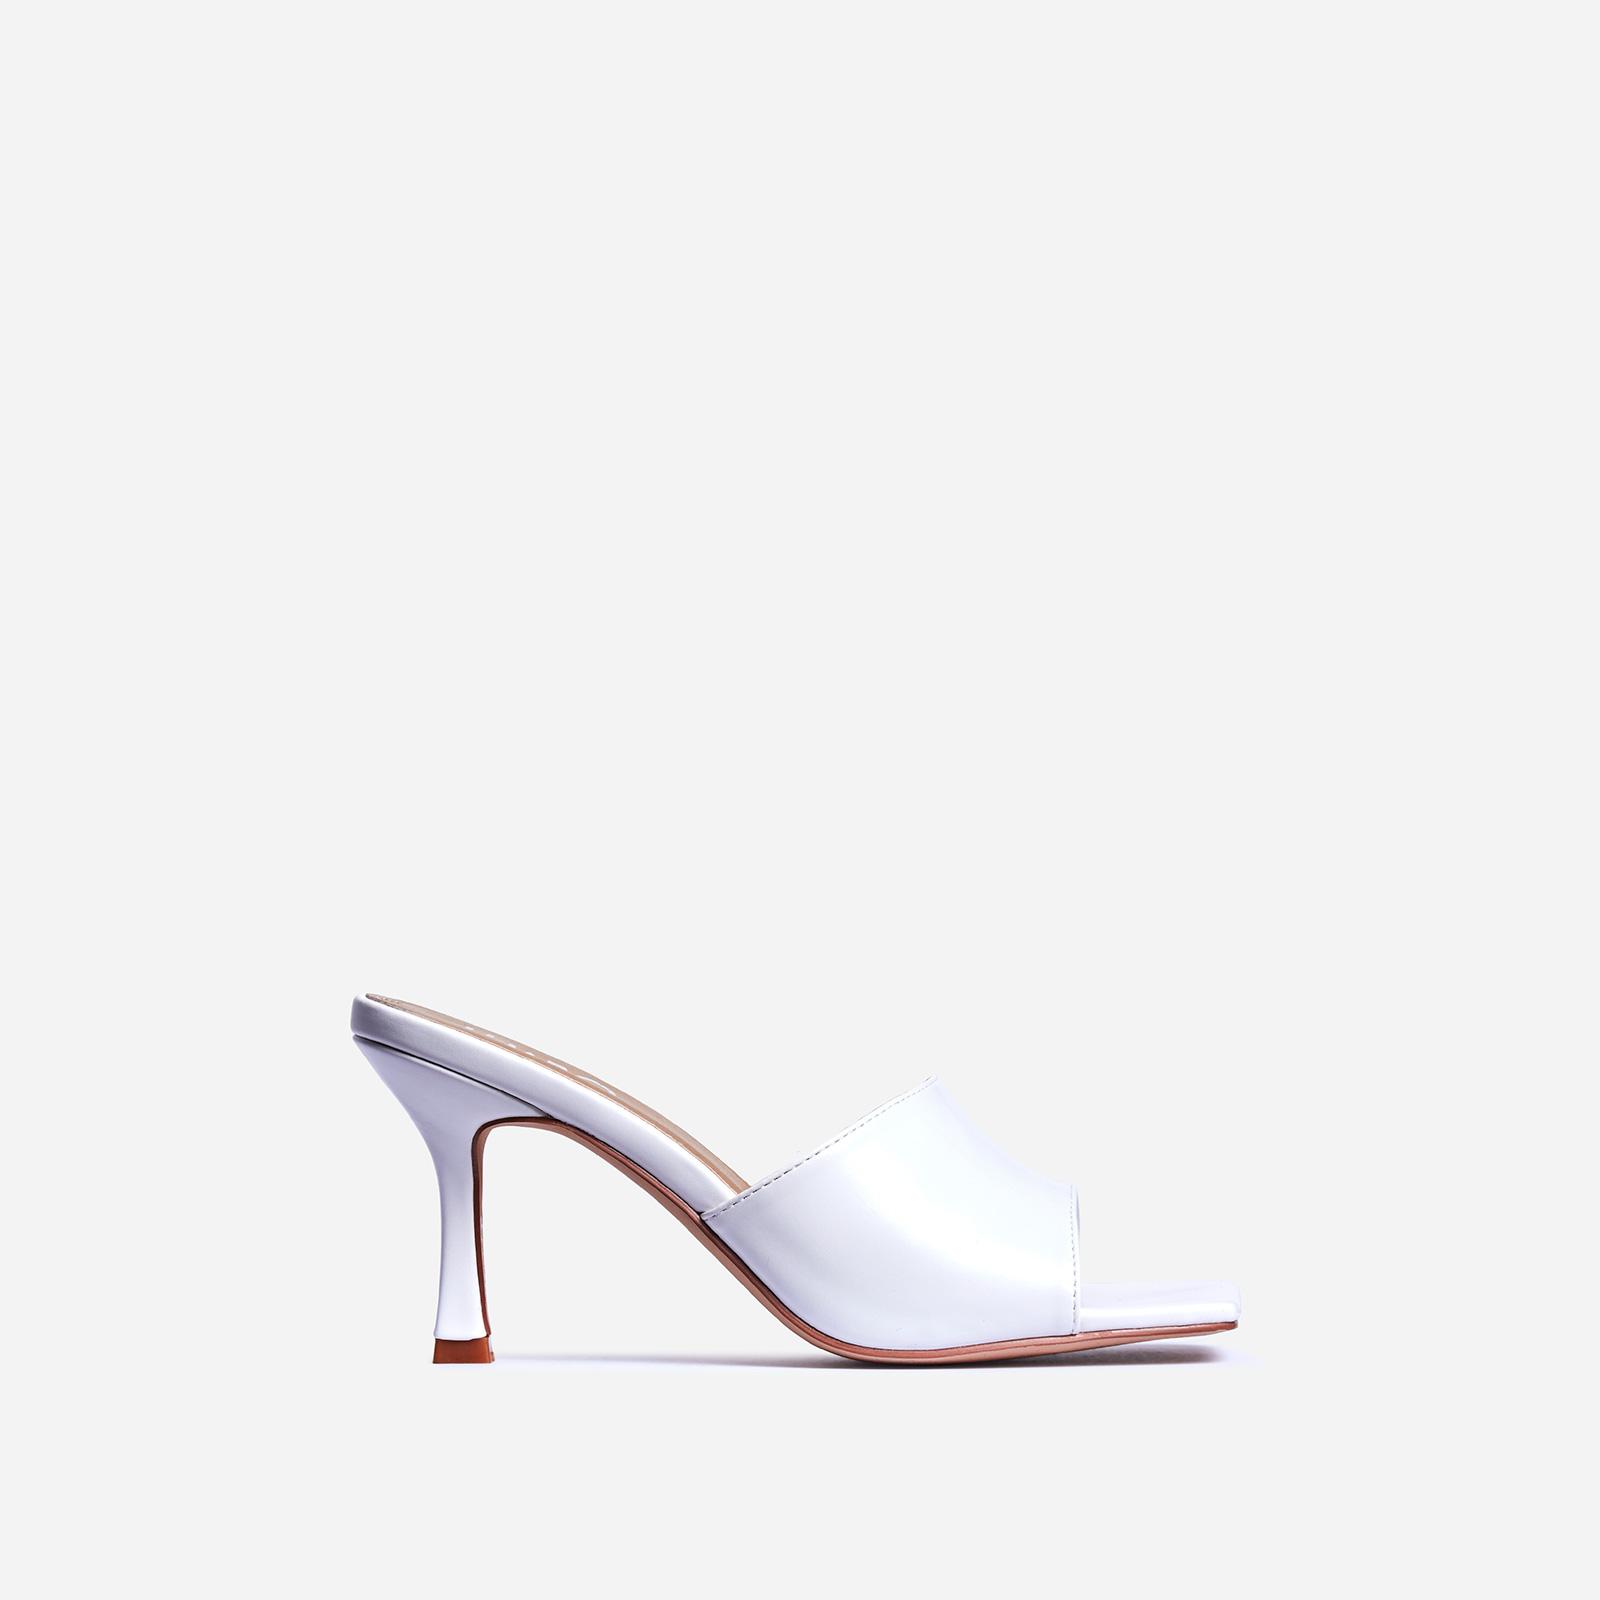 Hilton Square Peep Toe Kitten Heel Mule In White Faux Leather